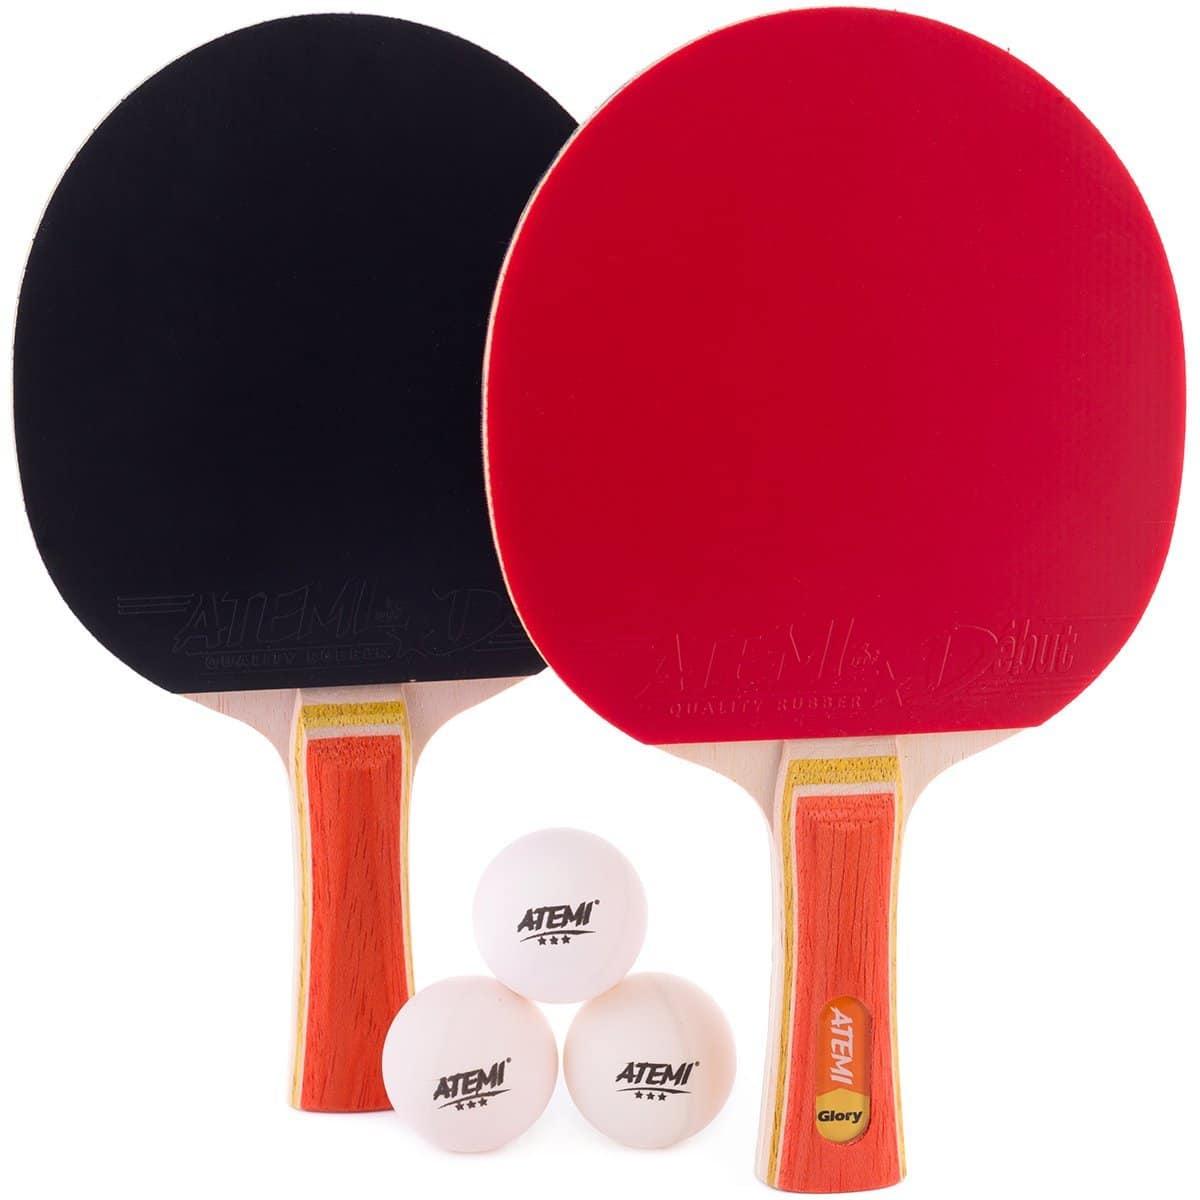 Raquetas-de-tenis-de-mesa-6